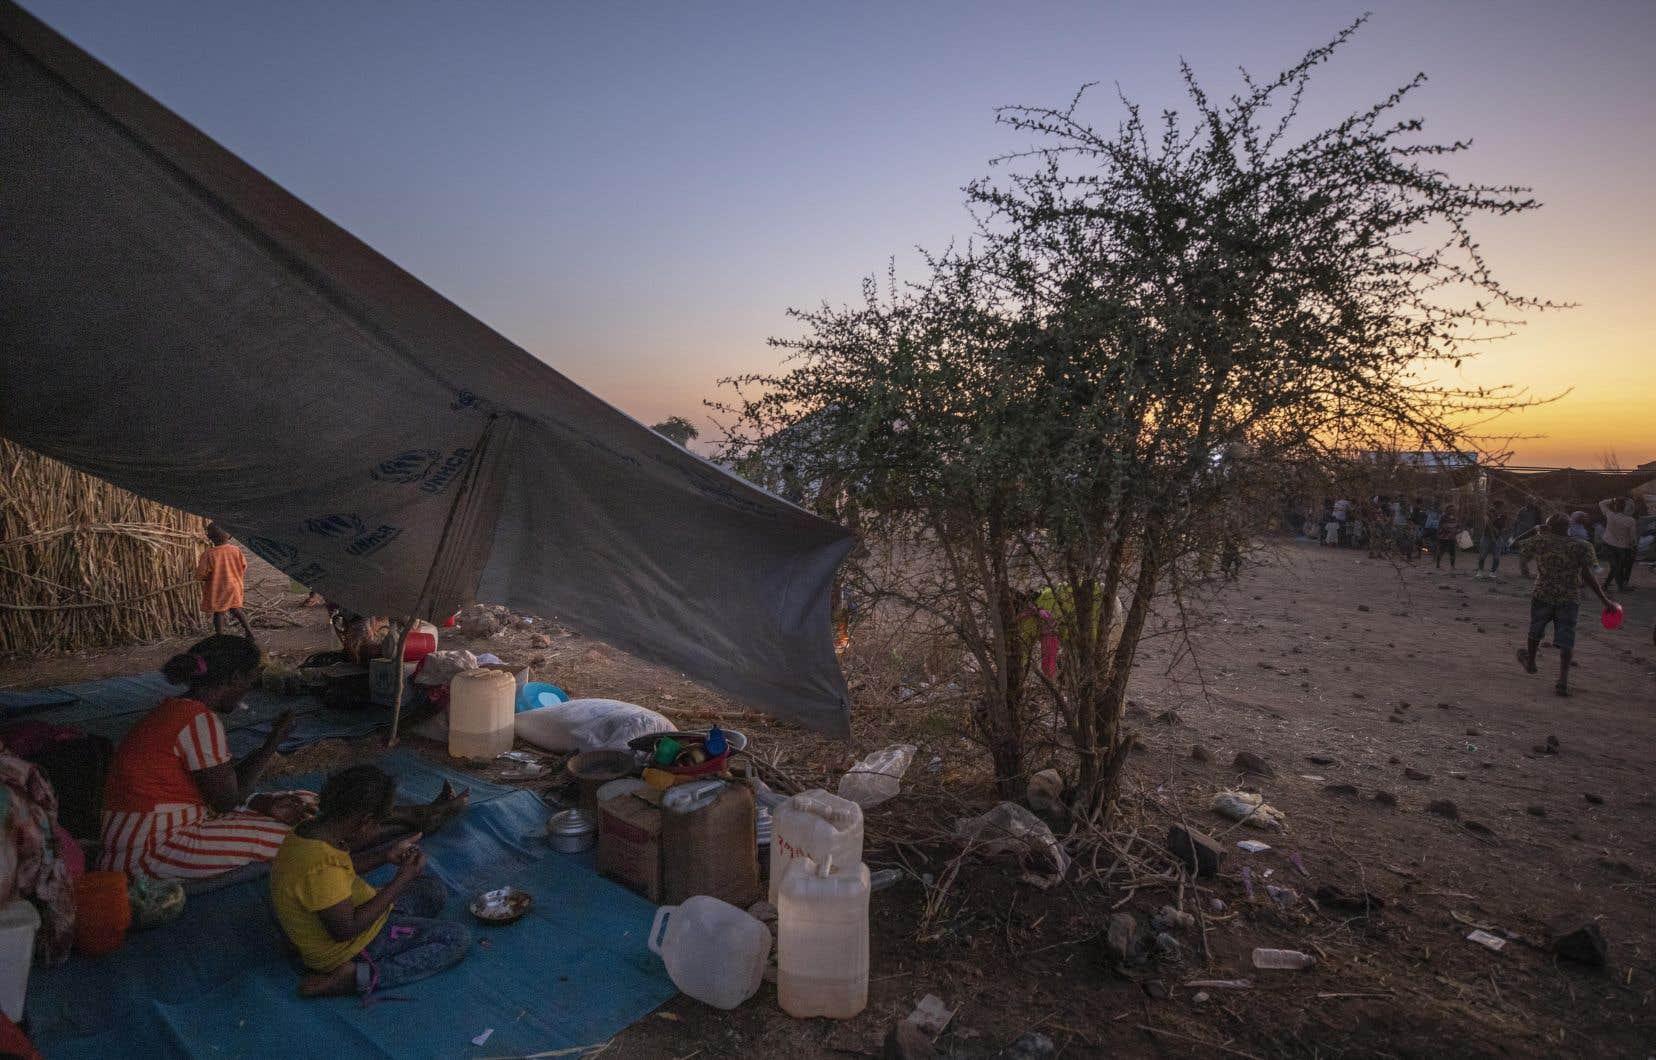 Plus de 43000 Éthiopiens ont fui le conflit vers le Soudan voisin, selon le Haut Commissariat des Nations unies pour les réfugiés.